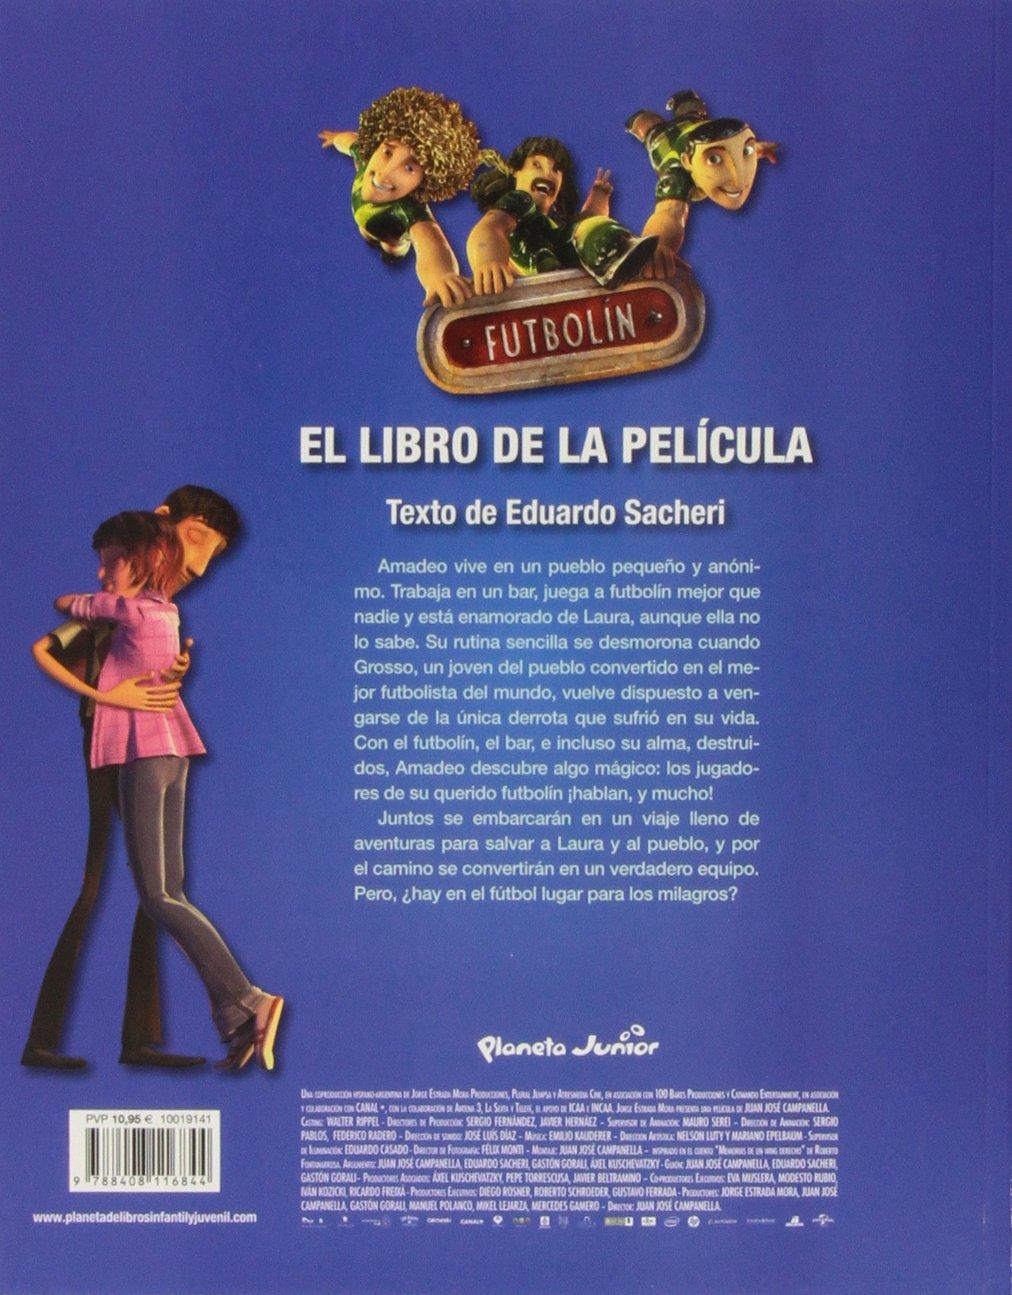 Futbolín. El libro de la película: Amazon.es: AA. VV.: Libros